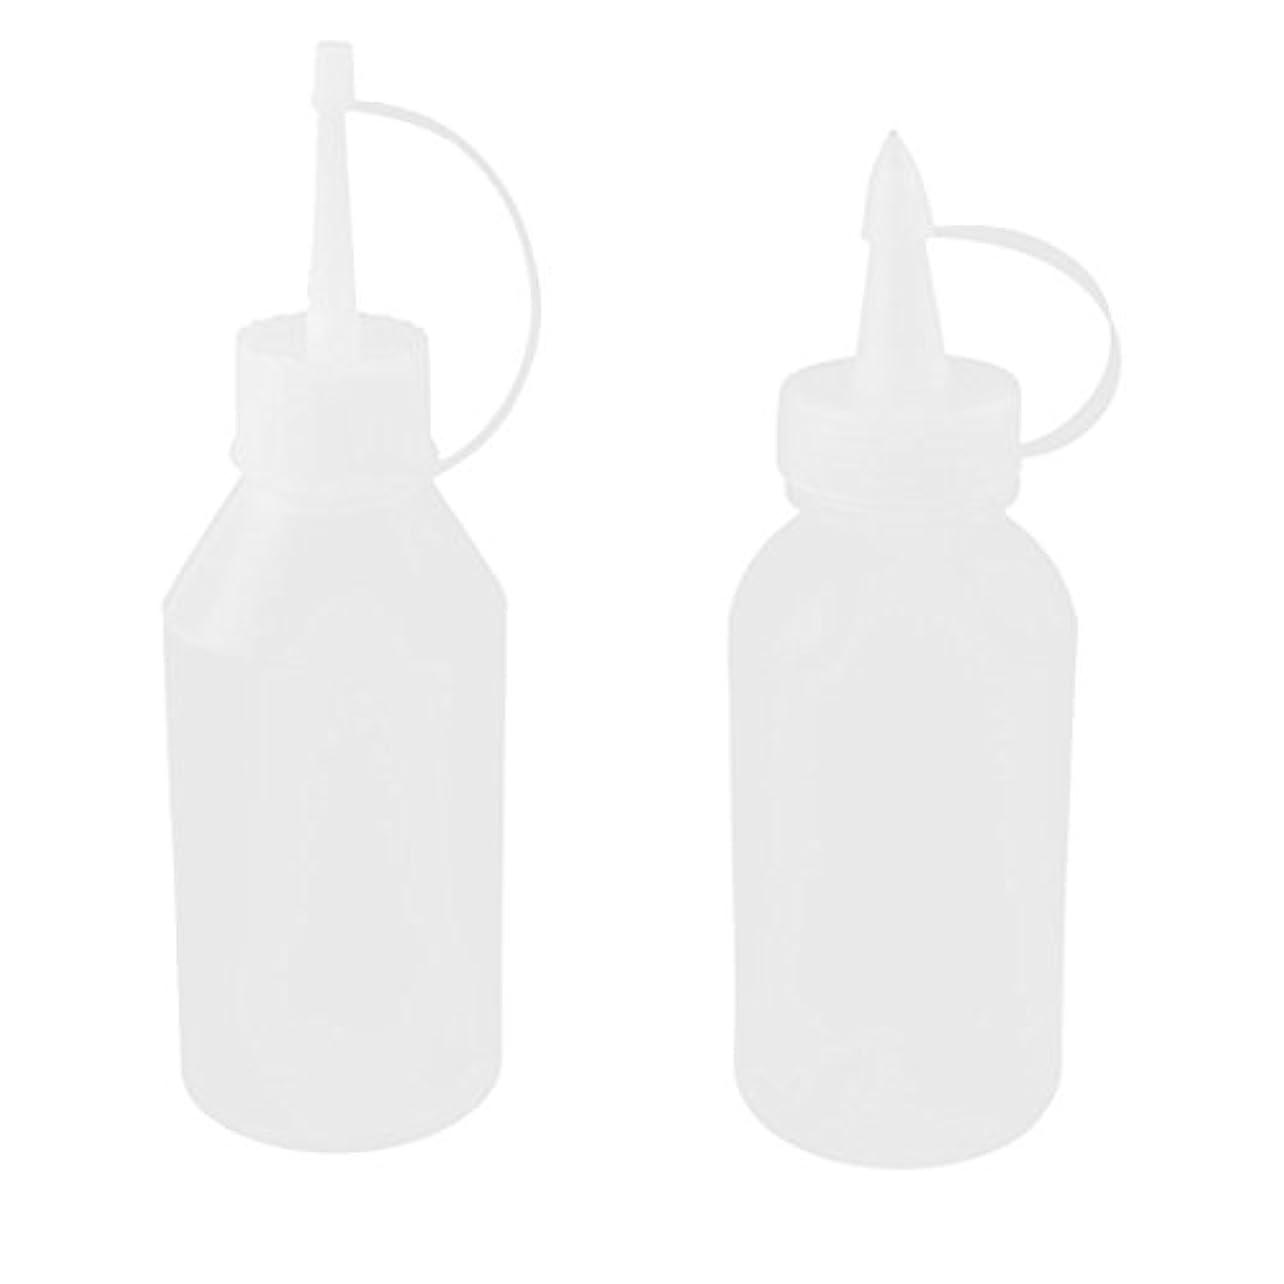 作動するトマトじゃないuxcell オイルボトル 油差し プラスチック 100ml ホワイト クリア 2個